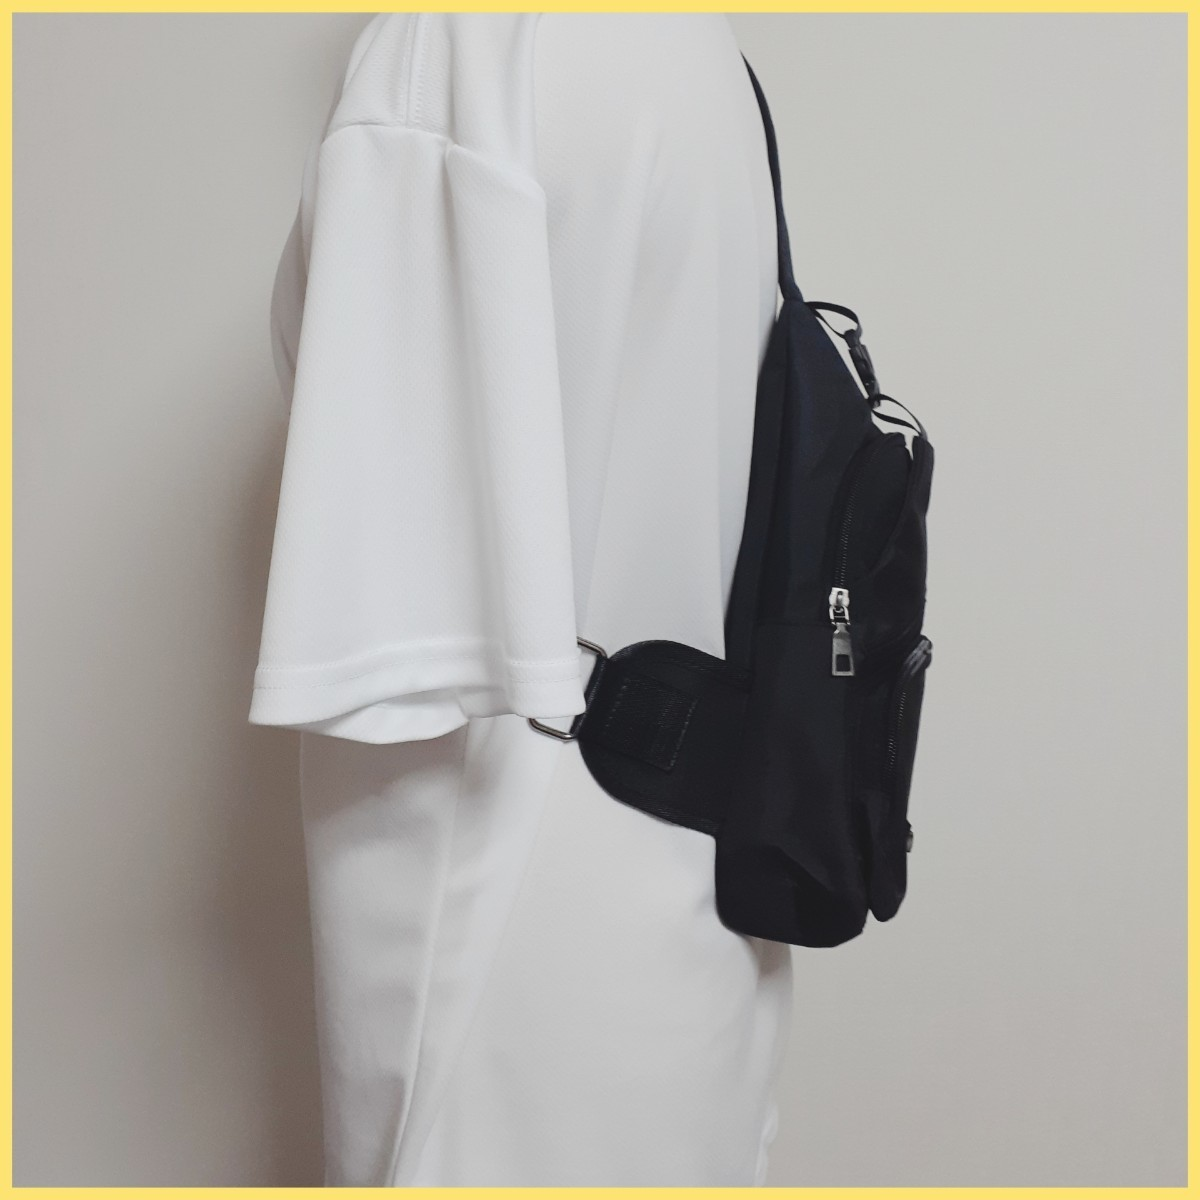 ボディバッグ メンズ・レディース かばん USBポート ケーブル付 ミニバッグ ショルダーバッグ 斜め掛けバッグ ワンショルダー